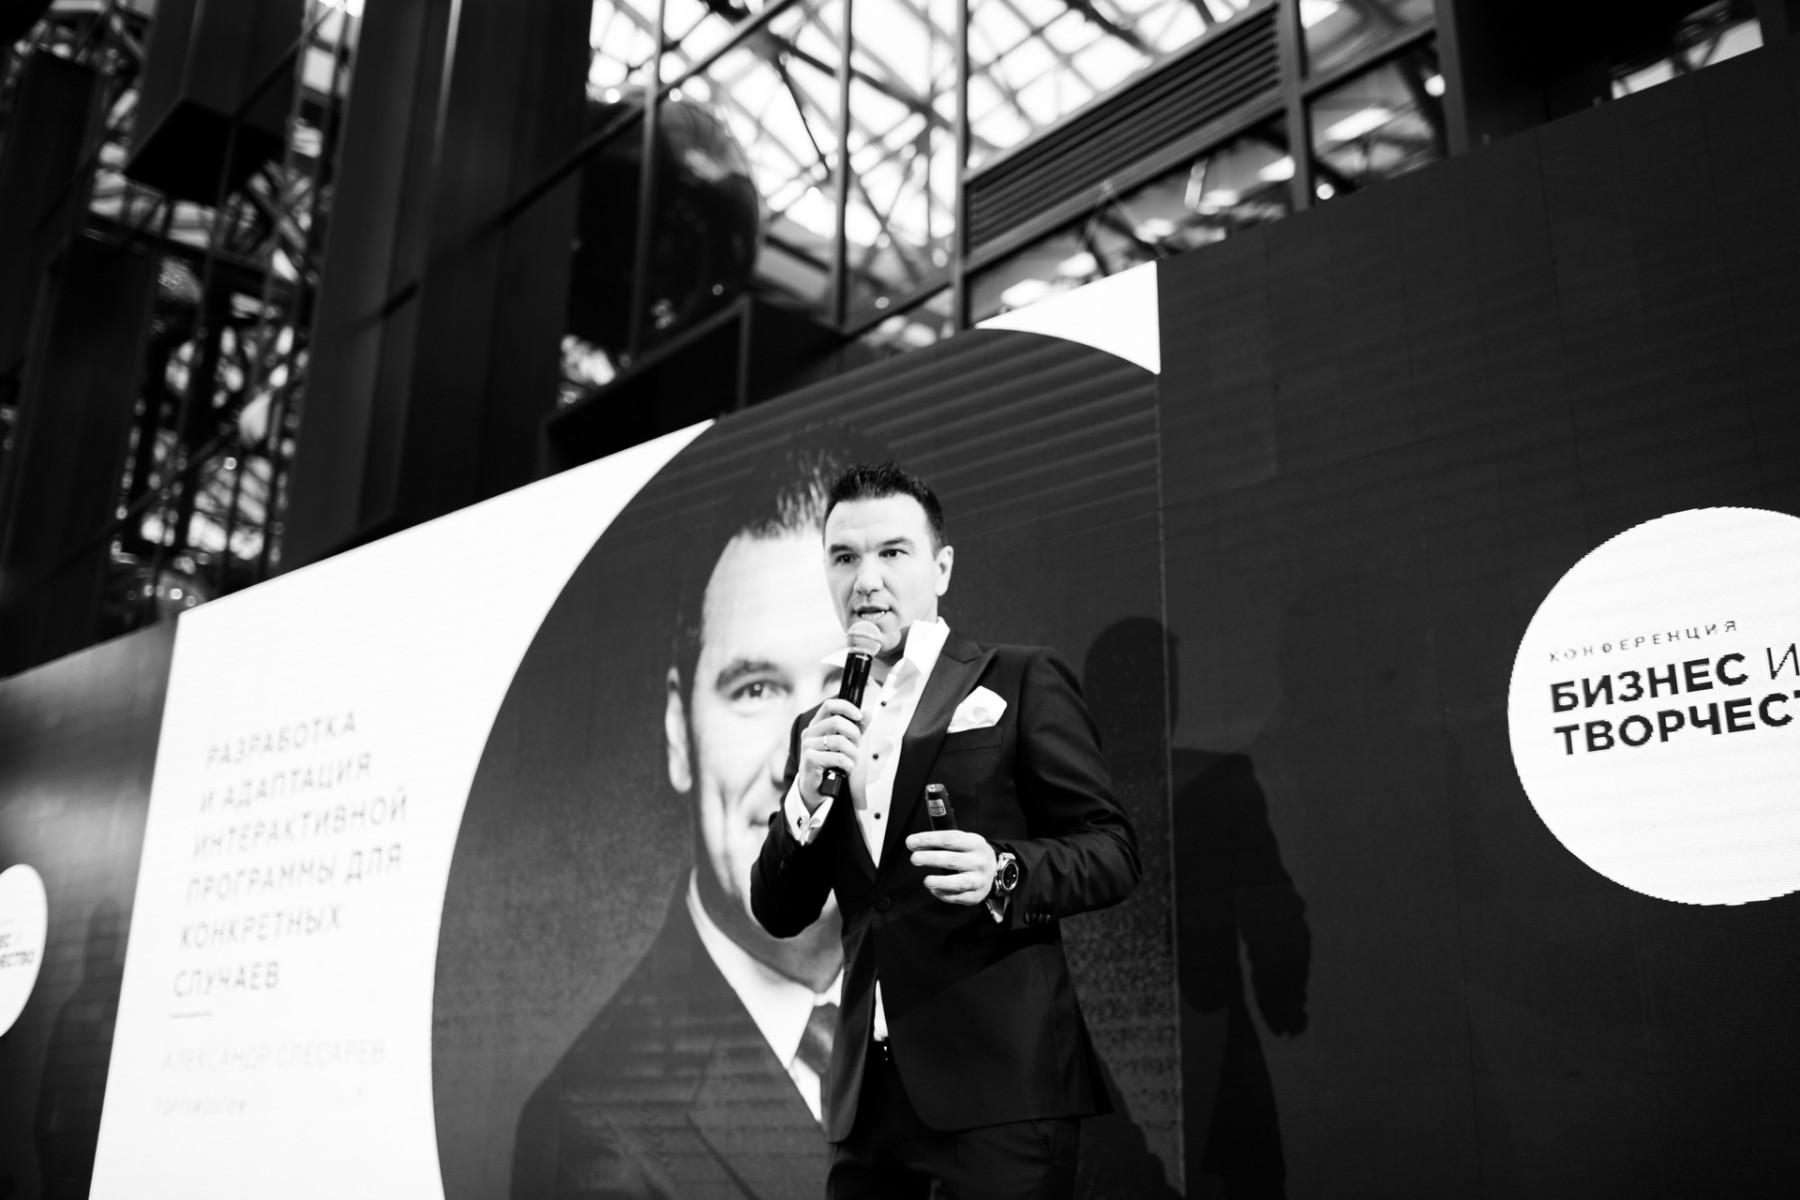 БИТ-2018: конференция, о которой говорила вся индустрия